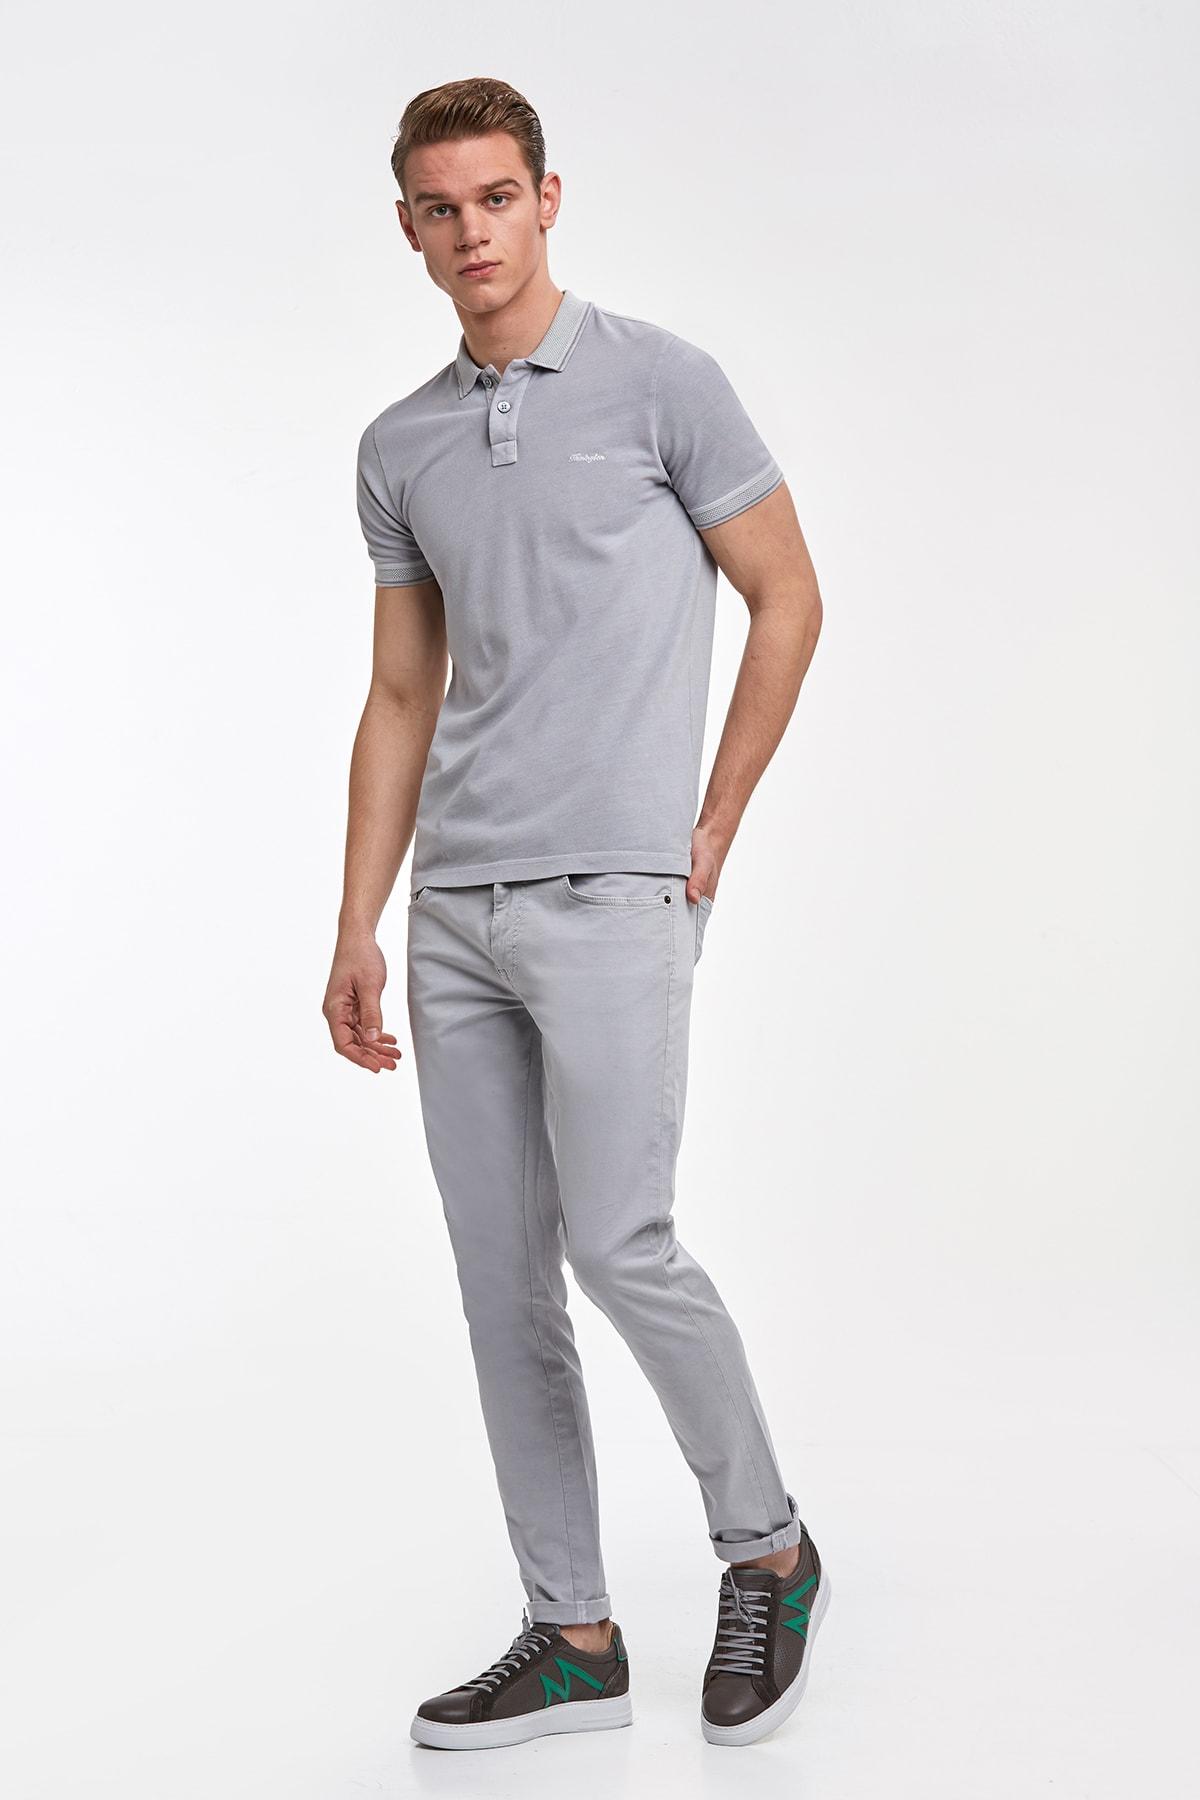 Hemington Erkek Vintage Görünümlü Gri Polo Yaka T-shirt 2